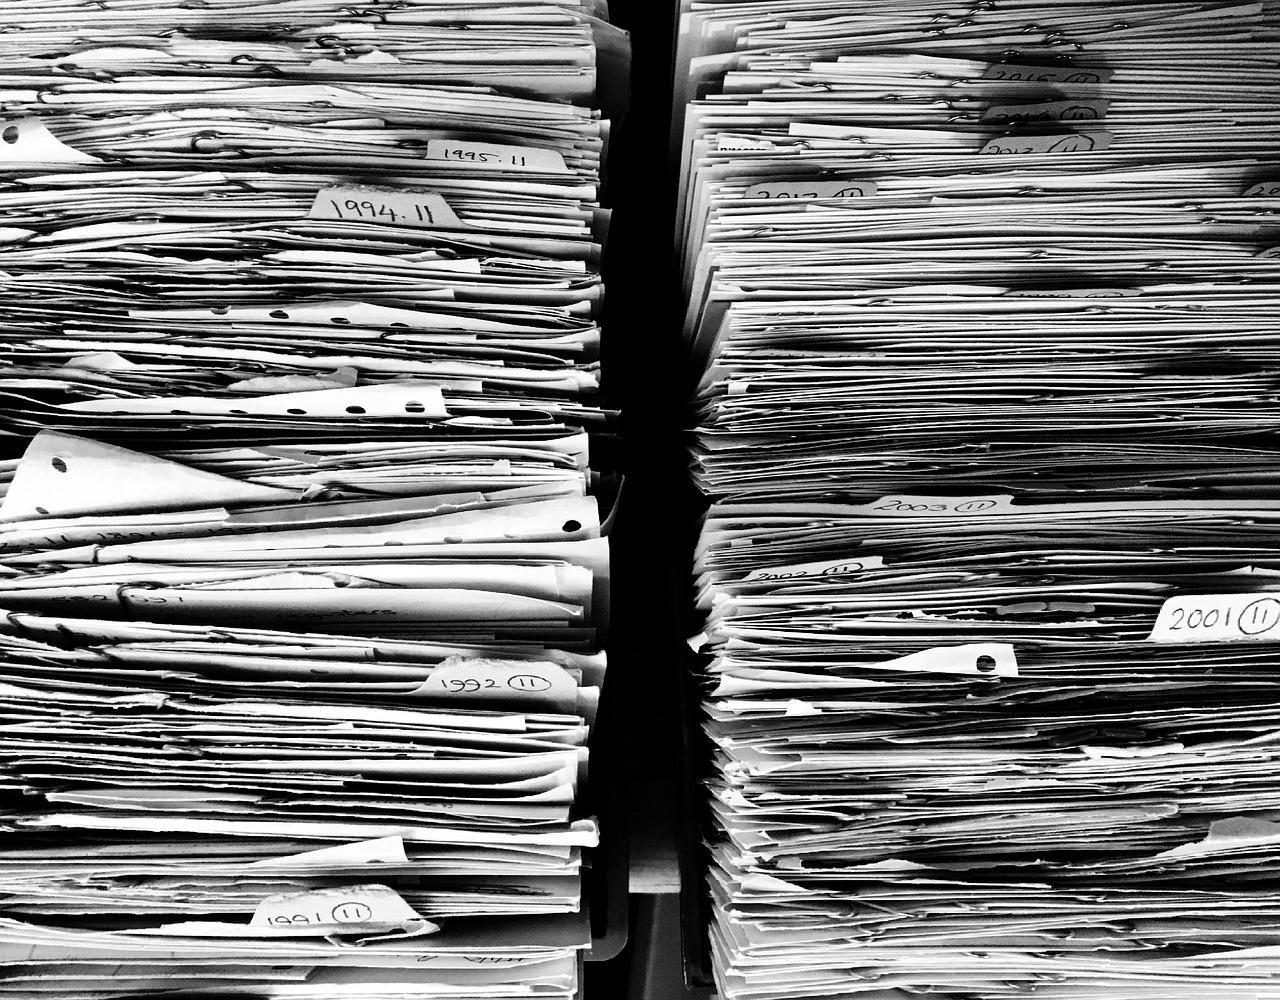 情報通信白書と変えるべき意識